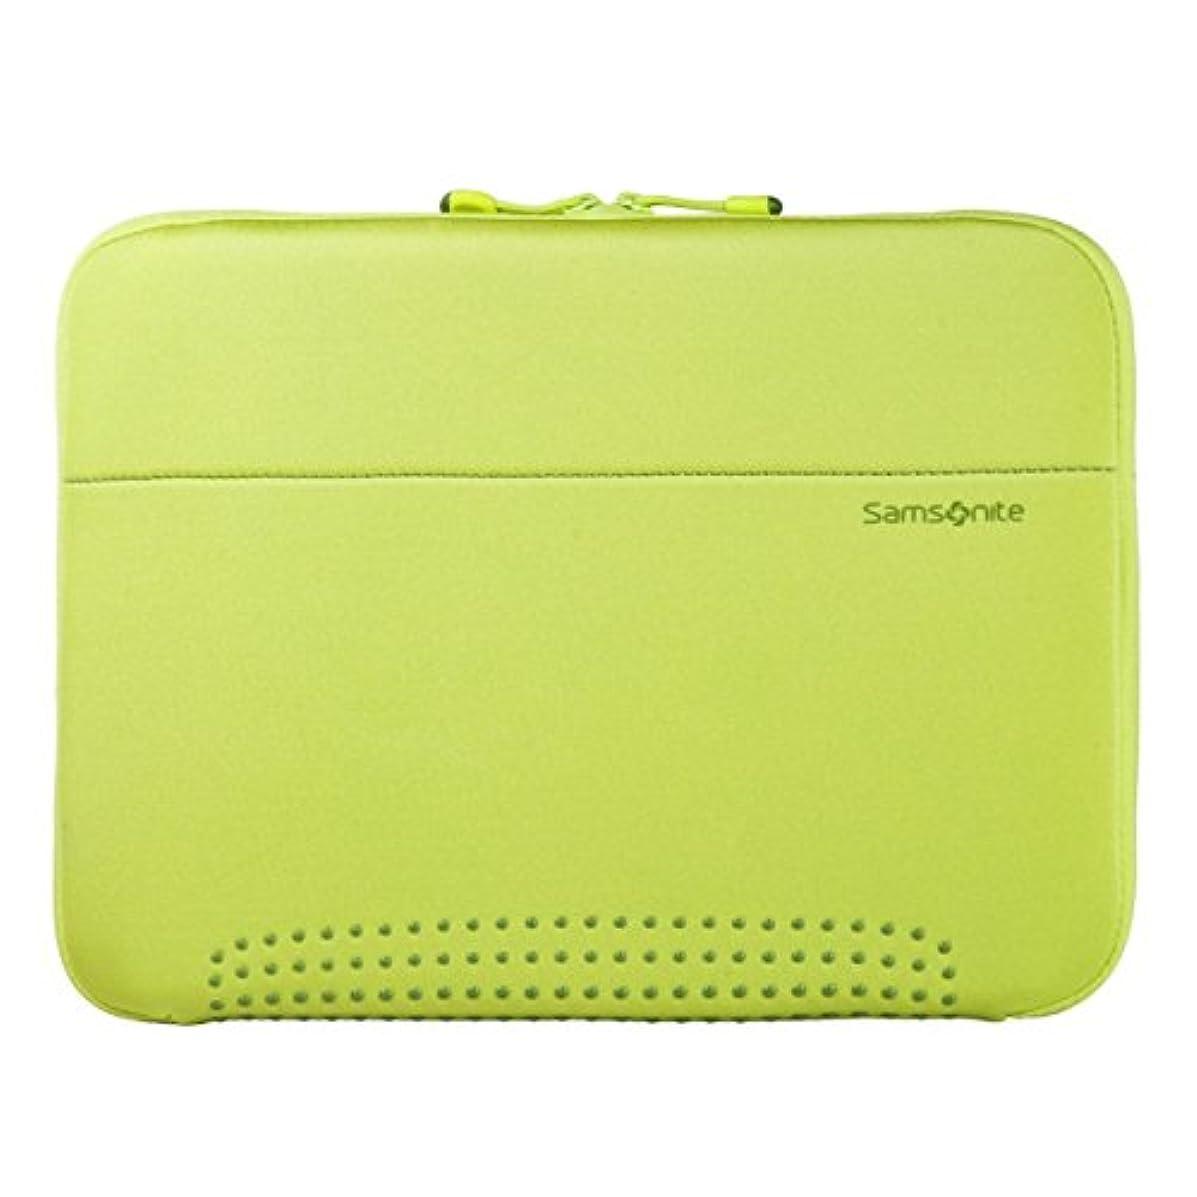 Aramon 2 Laptop Sleeve 15.6